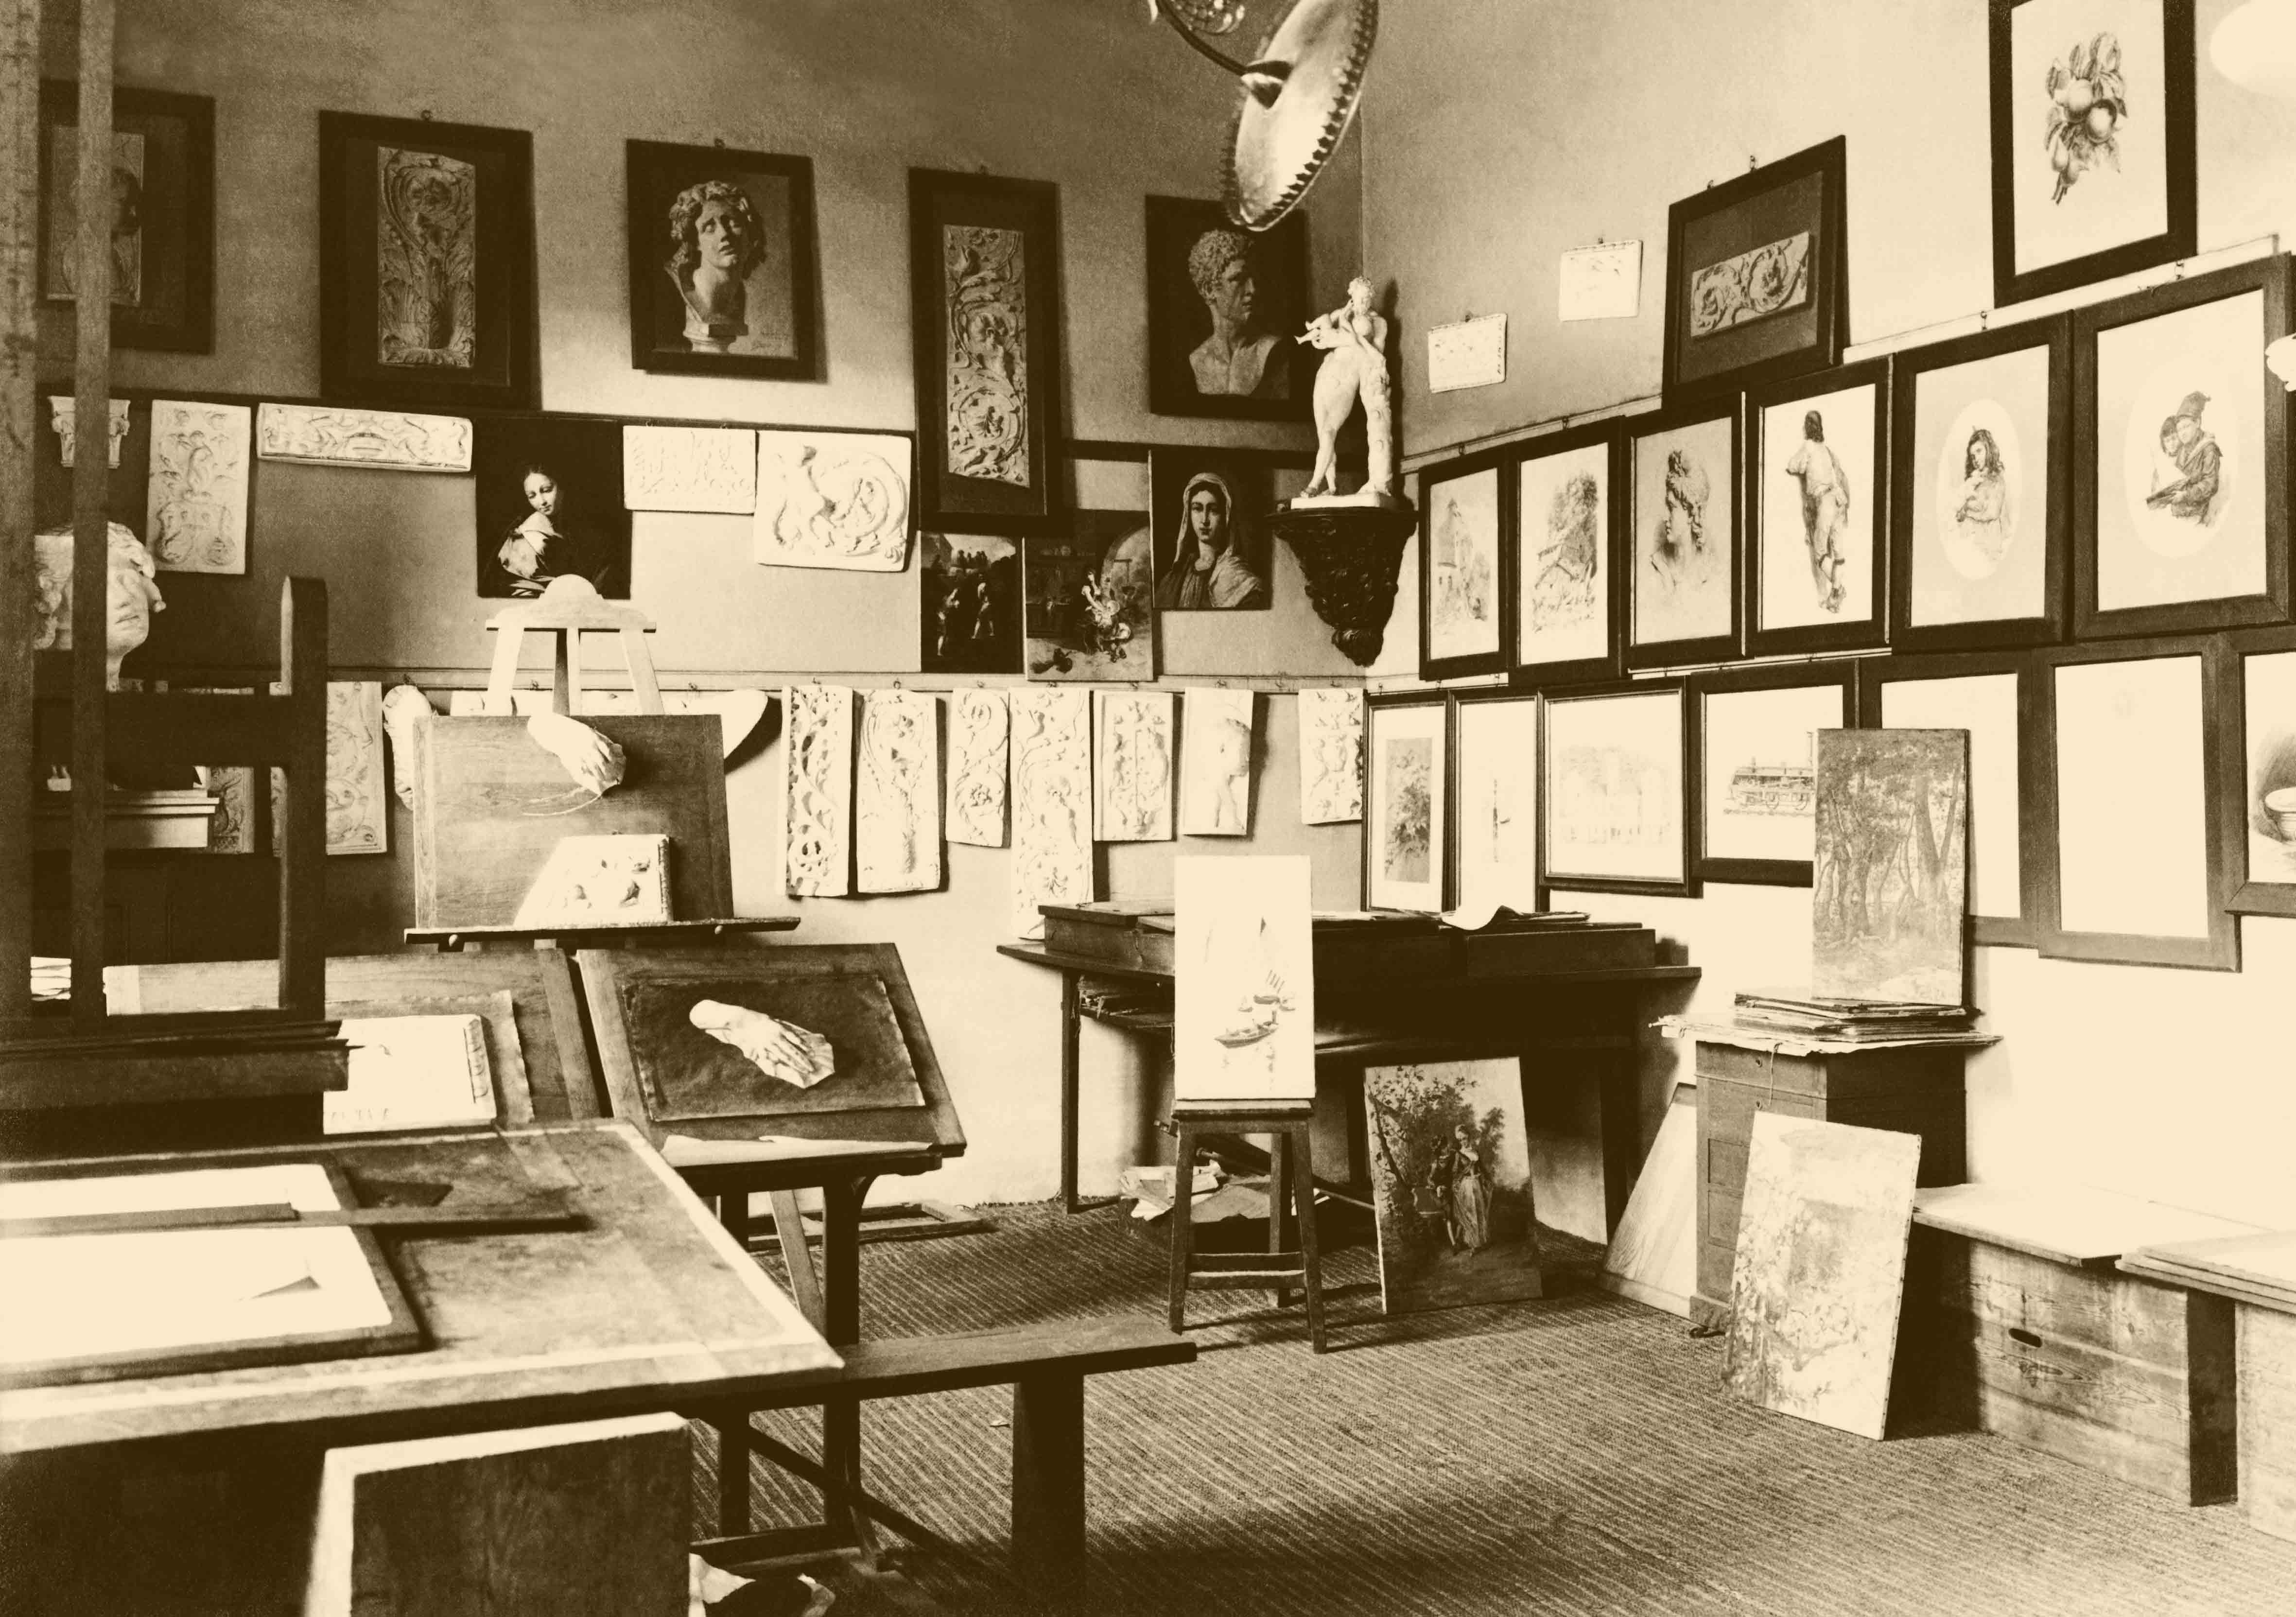 Aula de debuxo e pintura. 1917 / Aula de dibujo y pintura. 1917